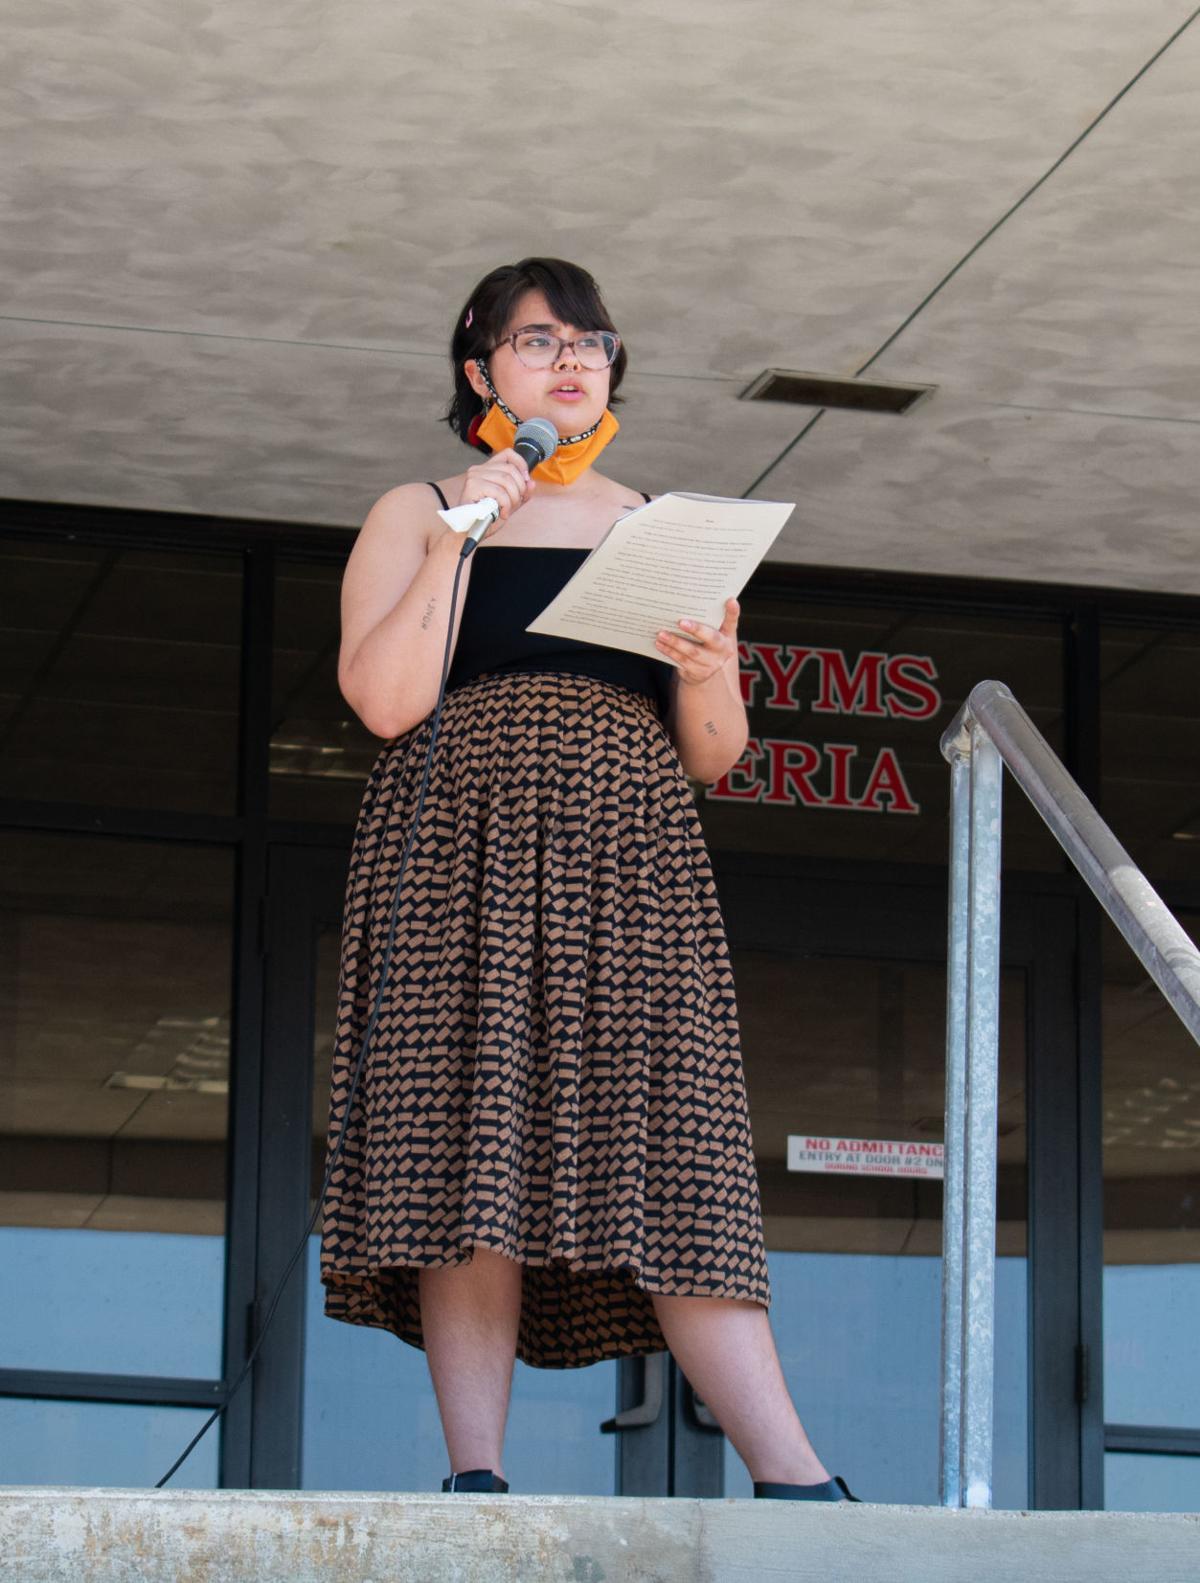 6/18/20 WLHS Event: Angela